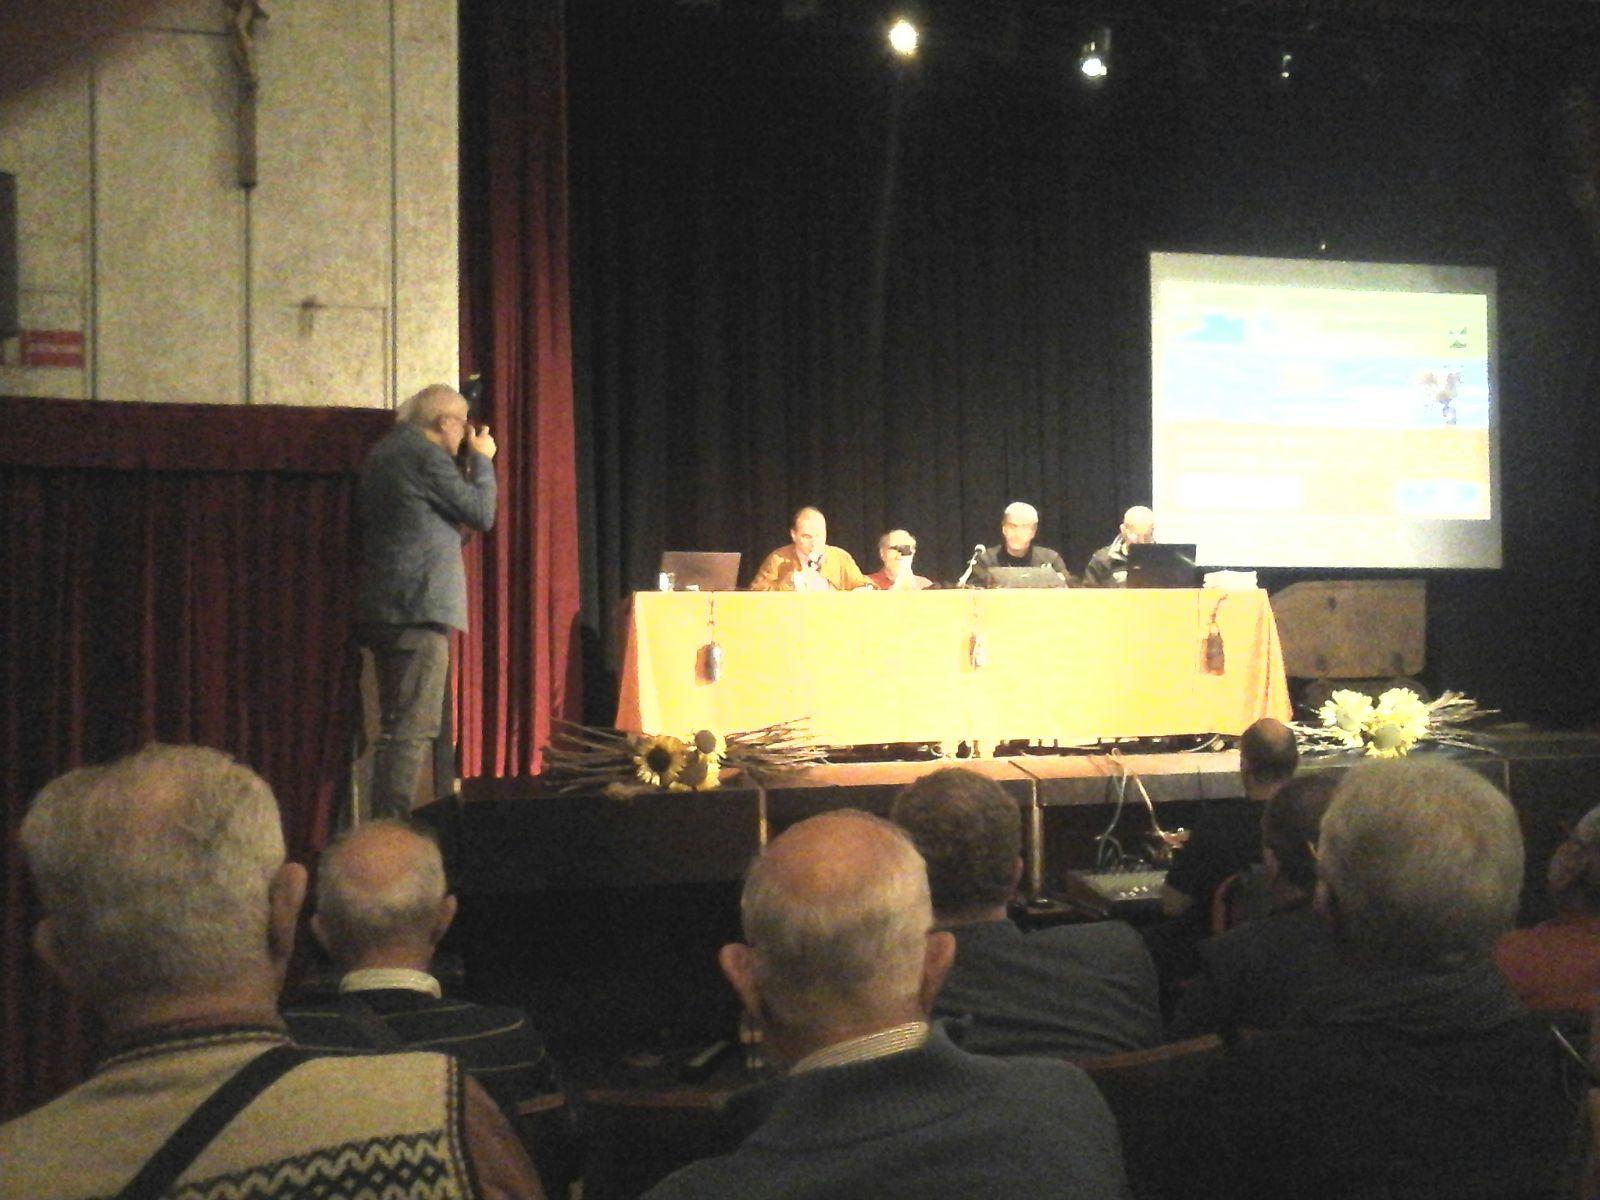 04_ITM 2016 Gorno_conferenze e premiazioni